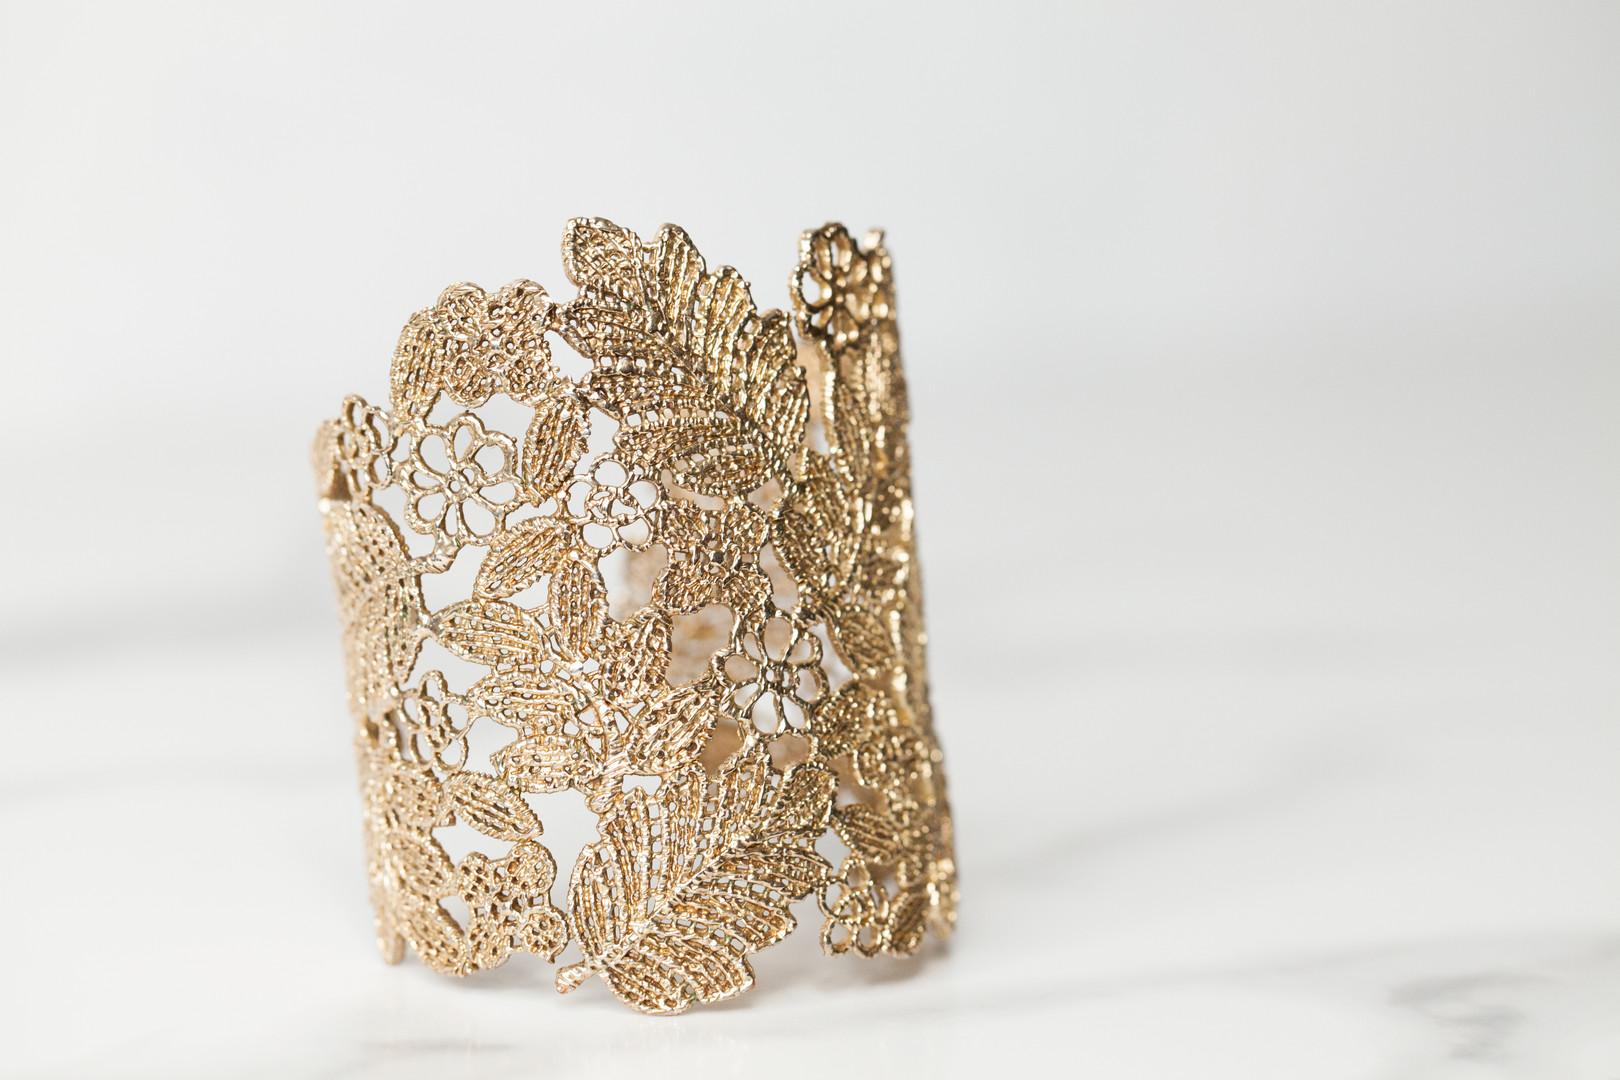 Ornate Gold Leaf Bracelet - Jewelry Photography